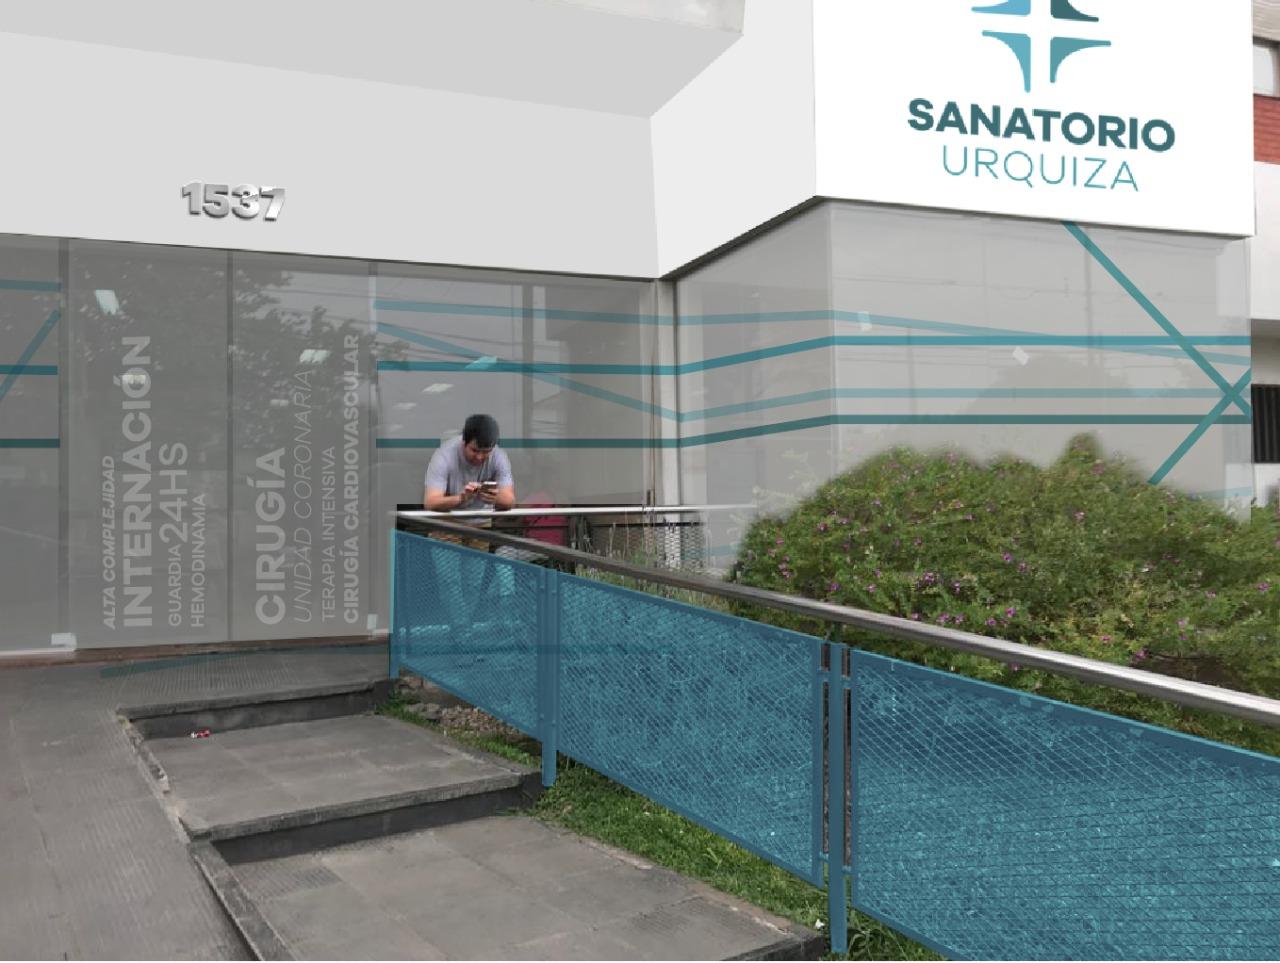 Frente de Sanatorio Urquiza